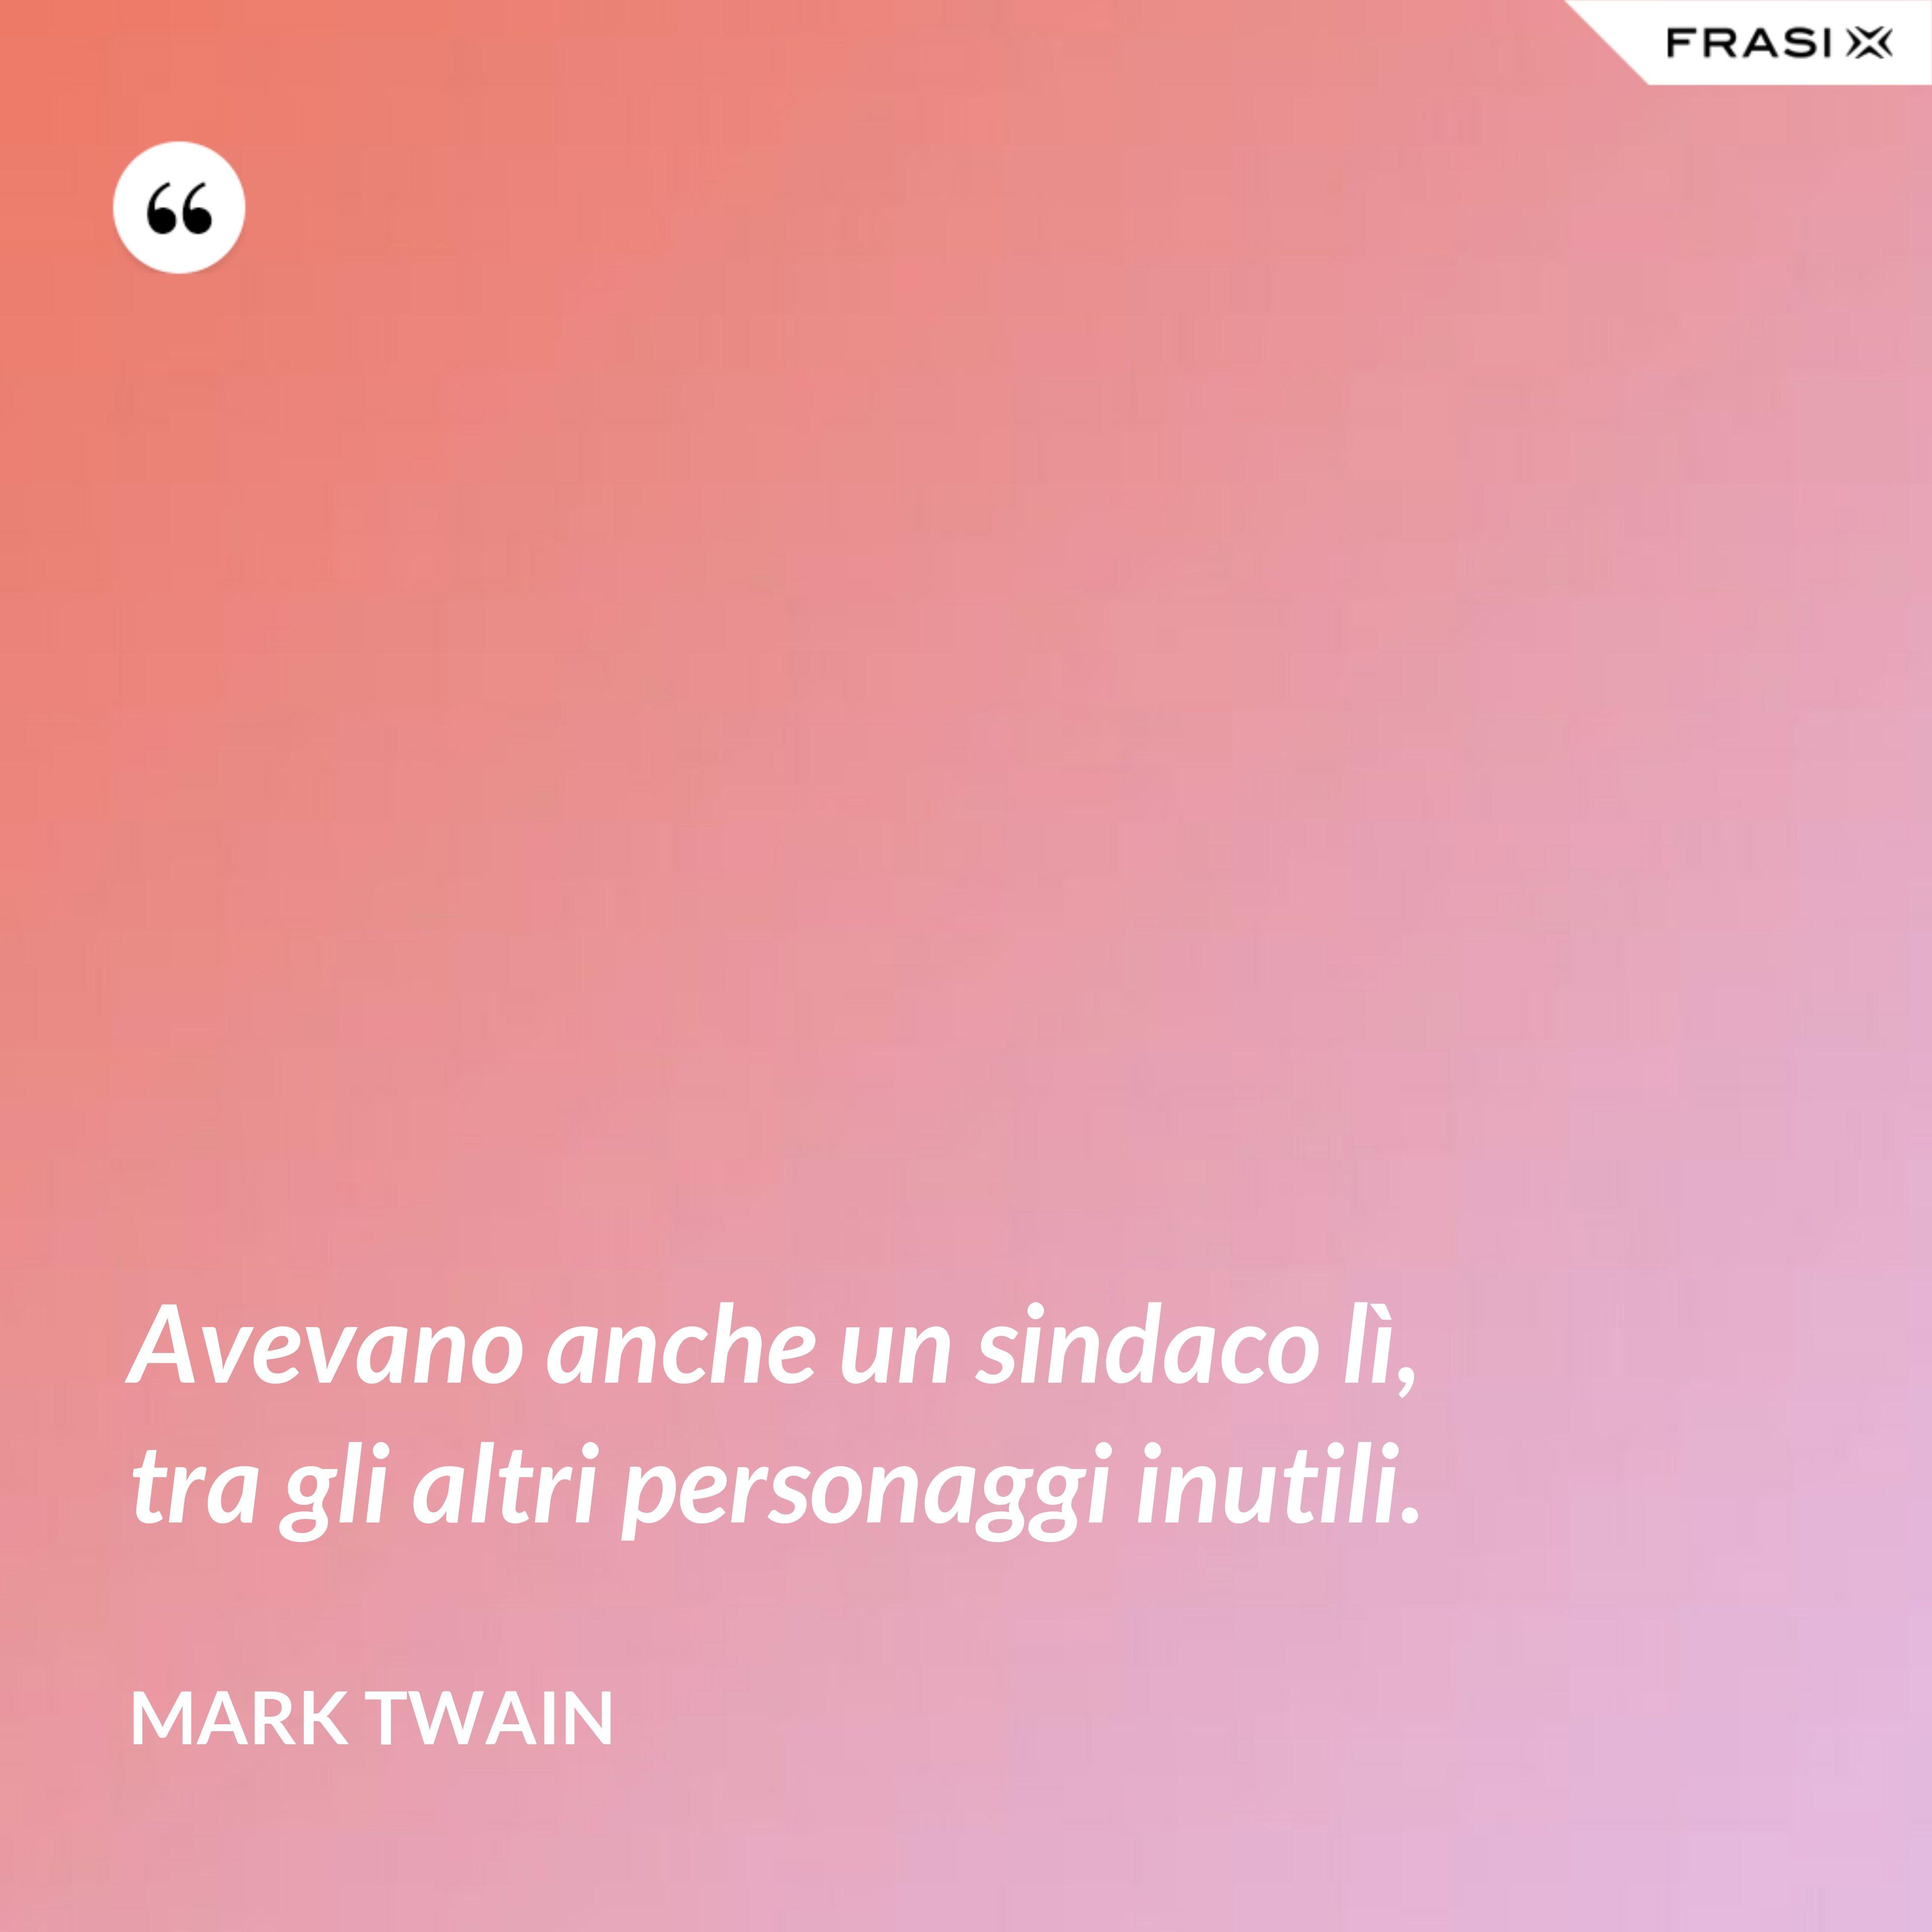 Avevano anche un sindaco lì, tra gli altri personaggi inutili. - Mark Twain